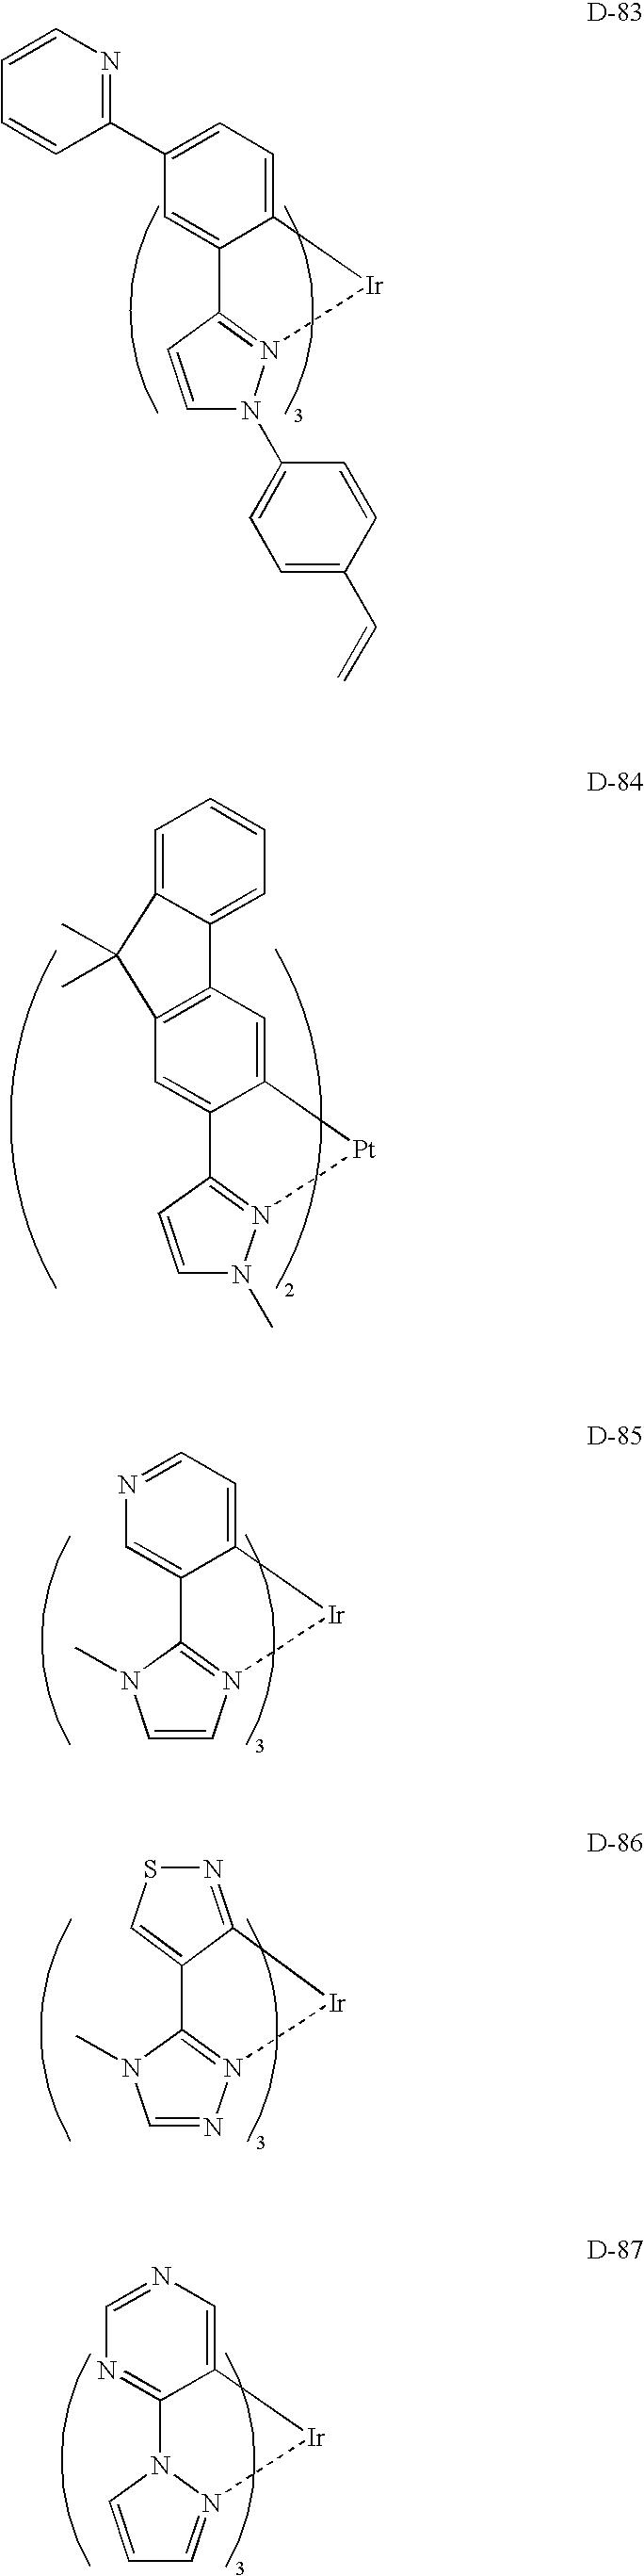 Figure US08053765-20111108-C00037